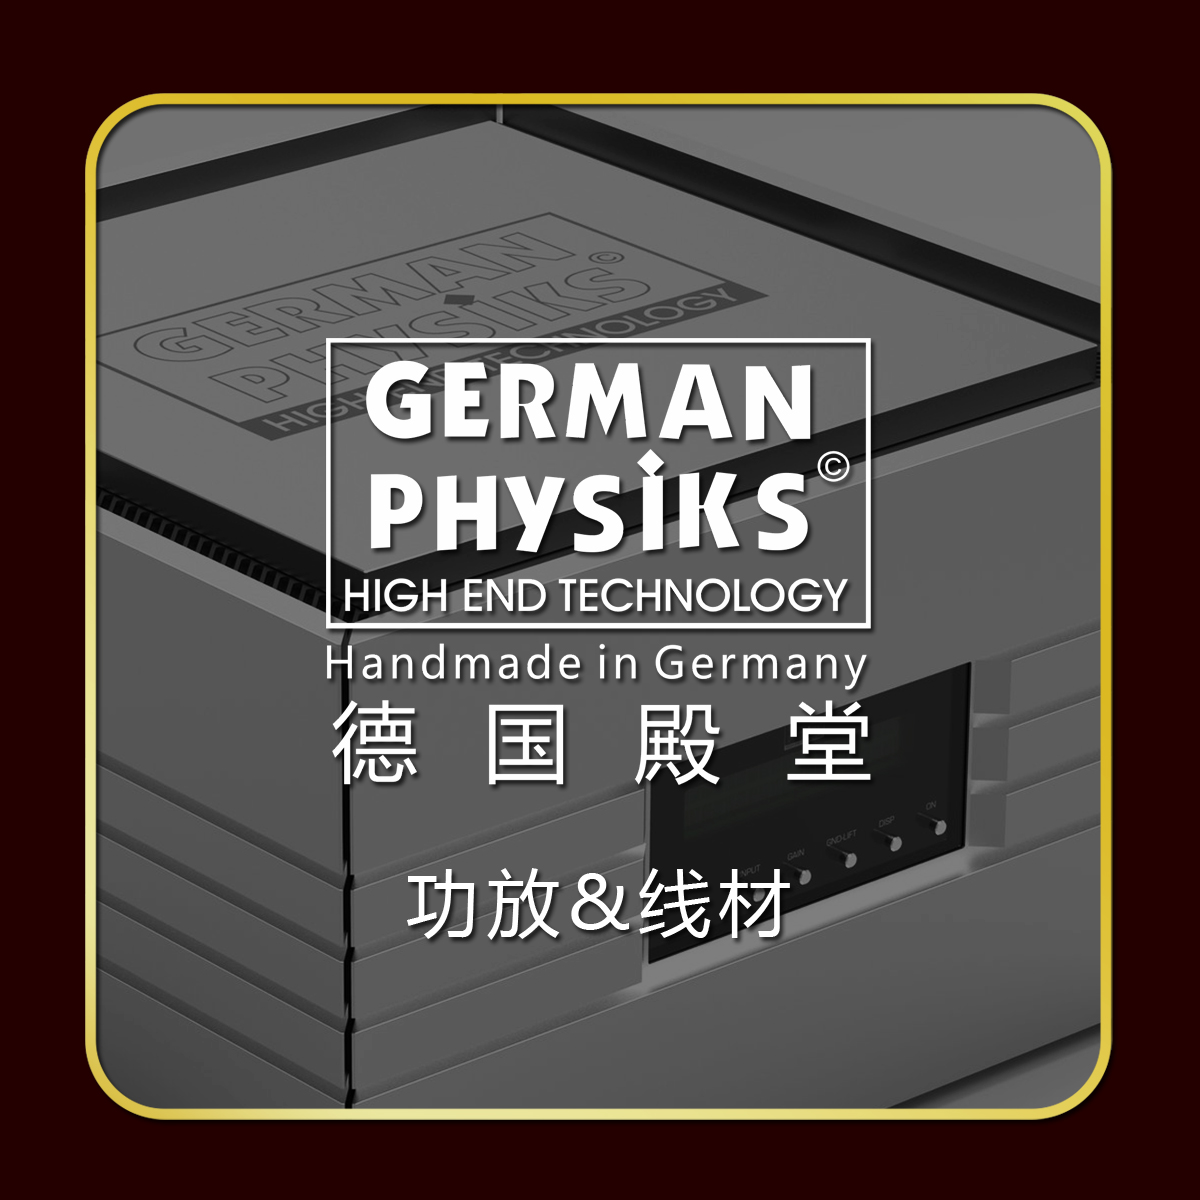 德国殿堂 German Physiks功放&线材